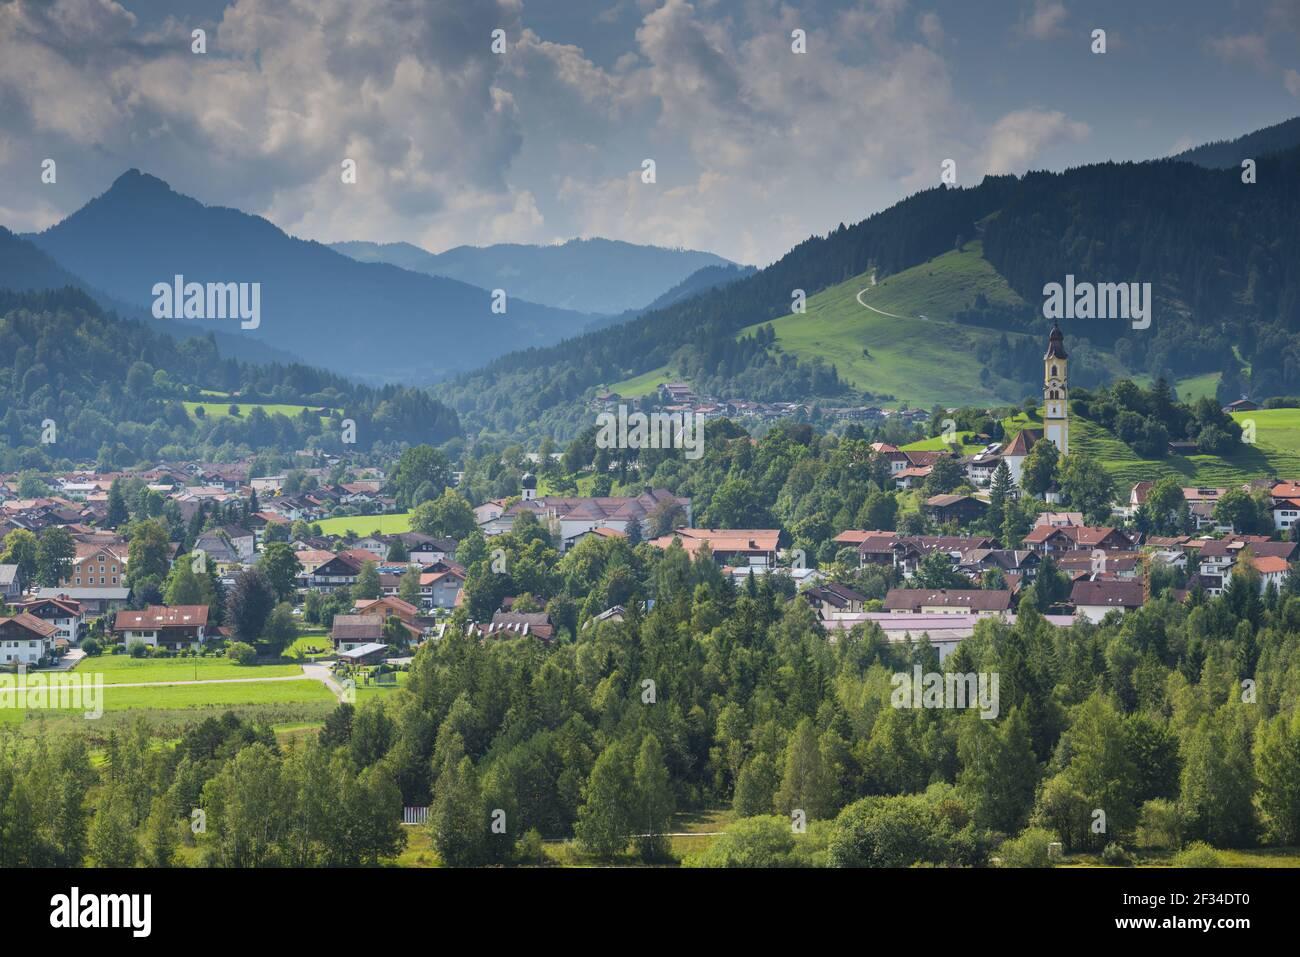 Geografia / viaggio, Germania, Baviera, chiesa parrocchiale di San Nicola in Pfronten, alta Bavari, Freedom-of-Panorama Foto Stock